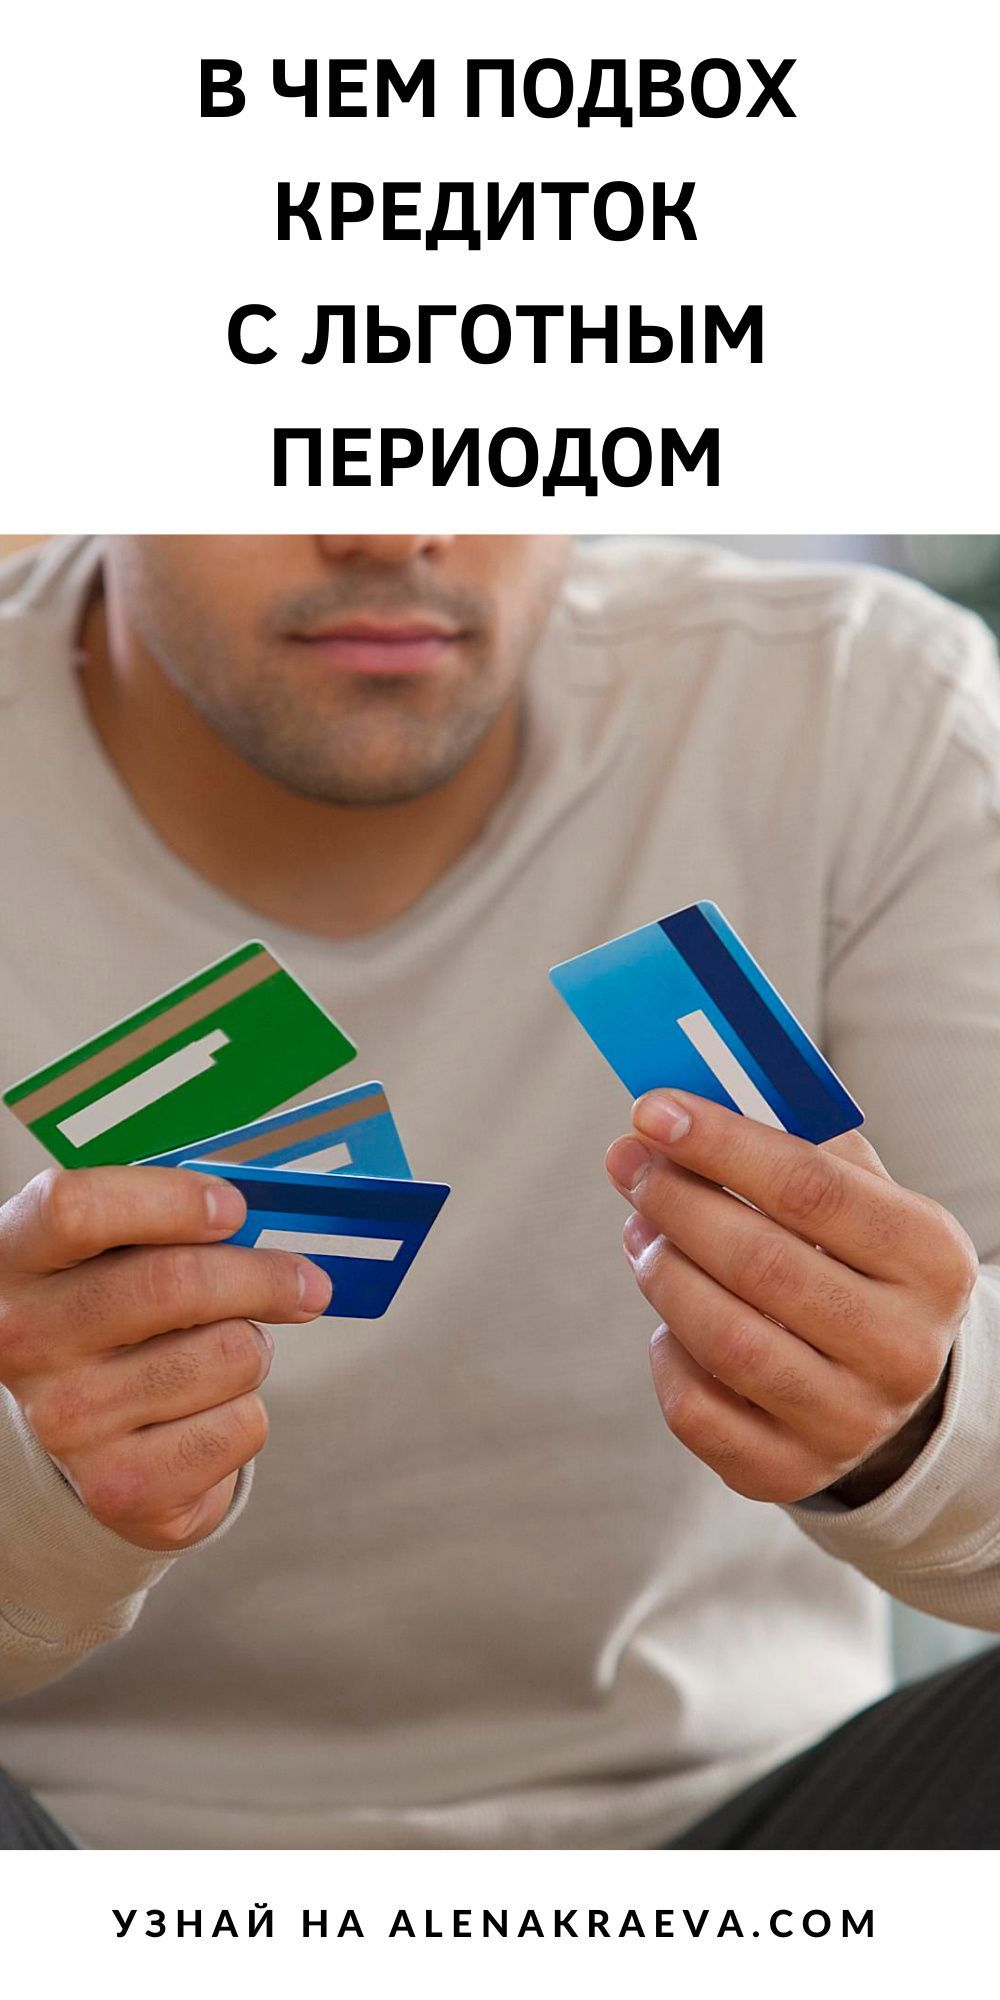 займы онлайн без кредитной истории